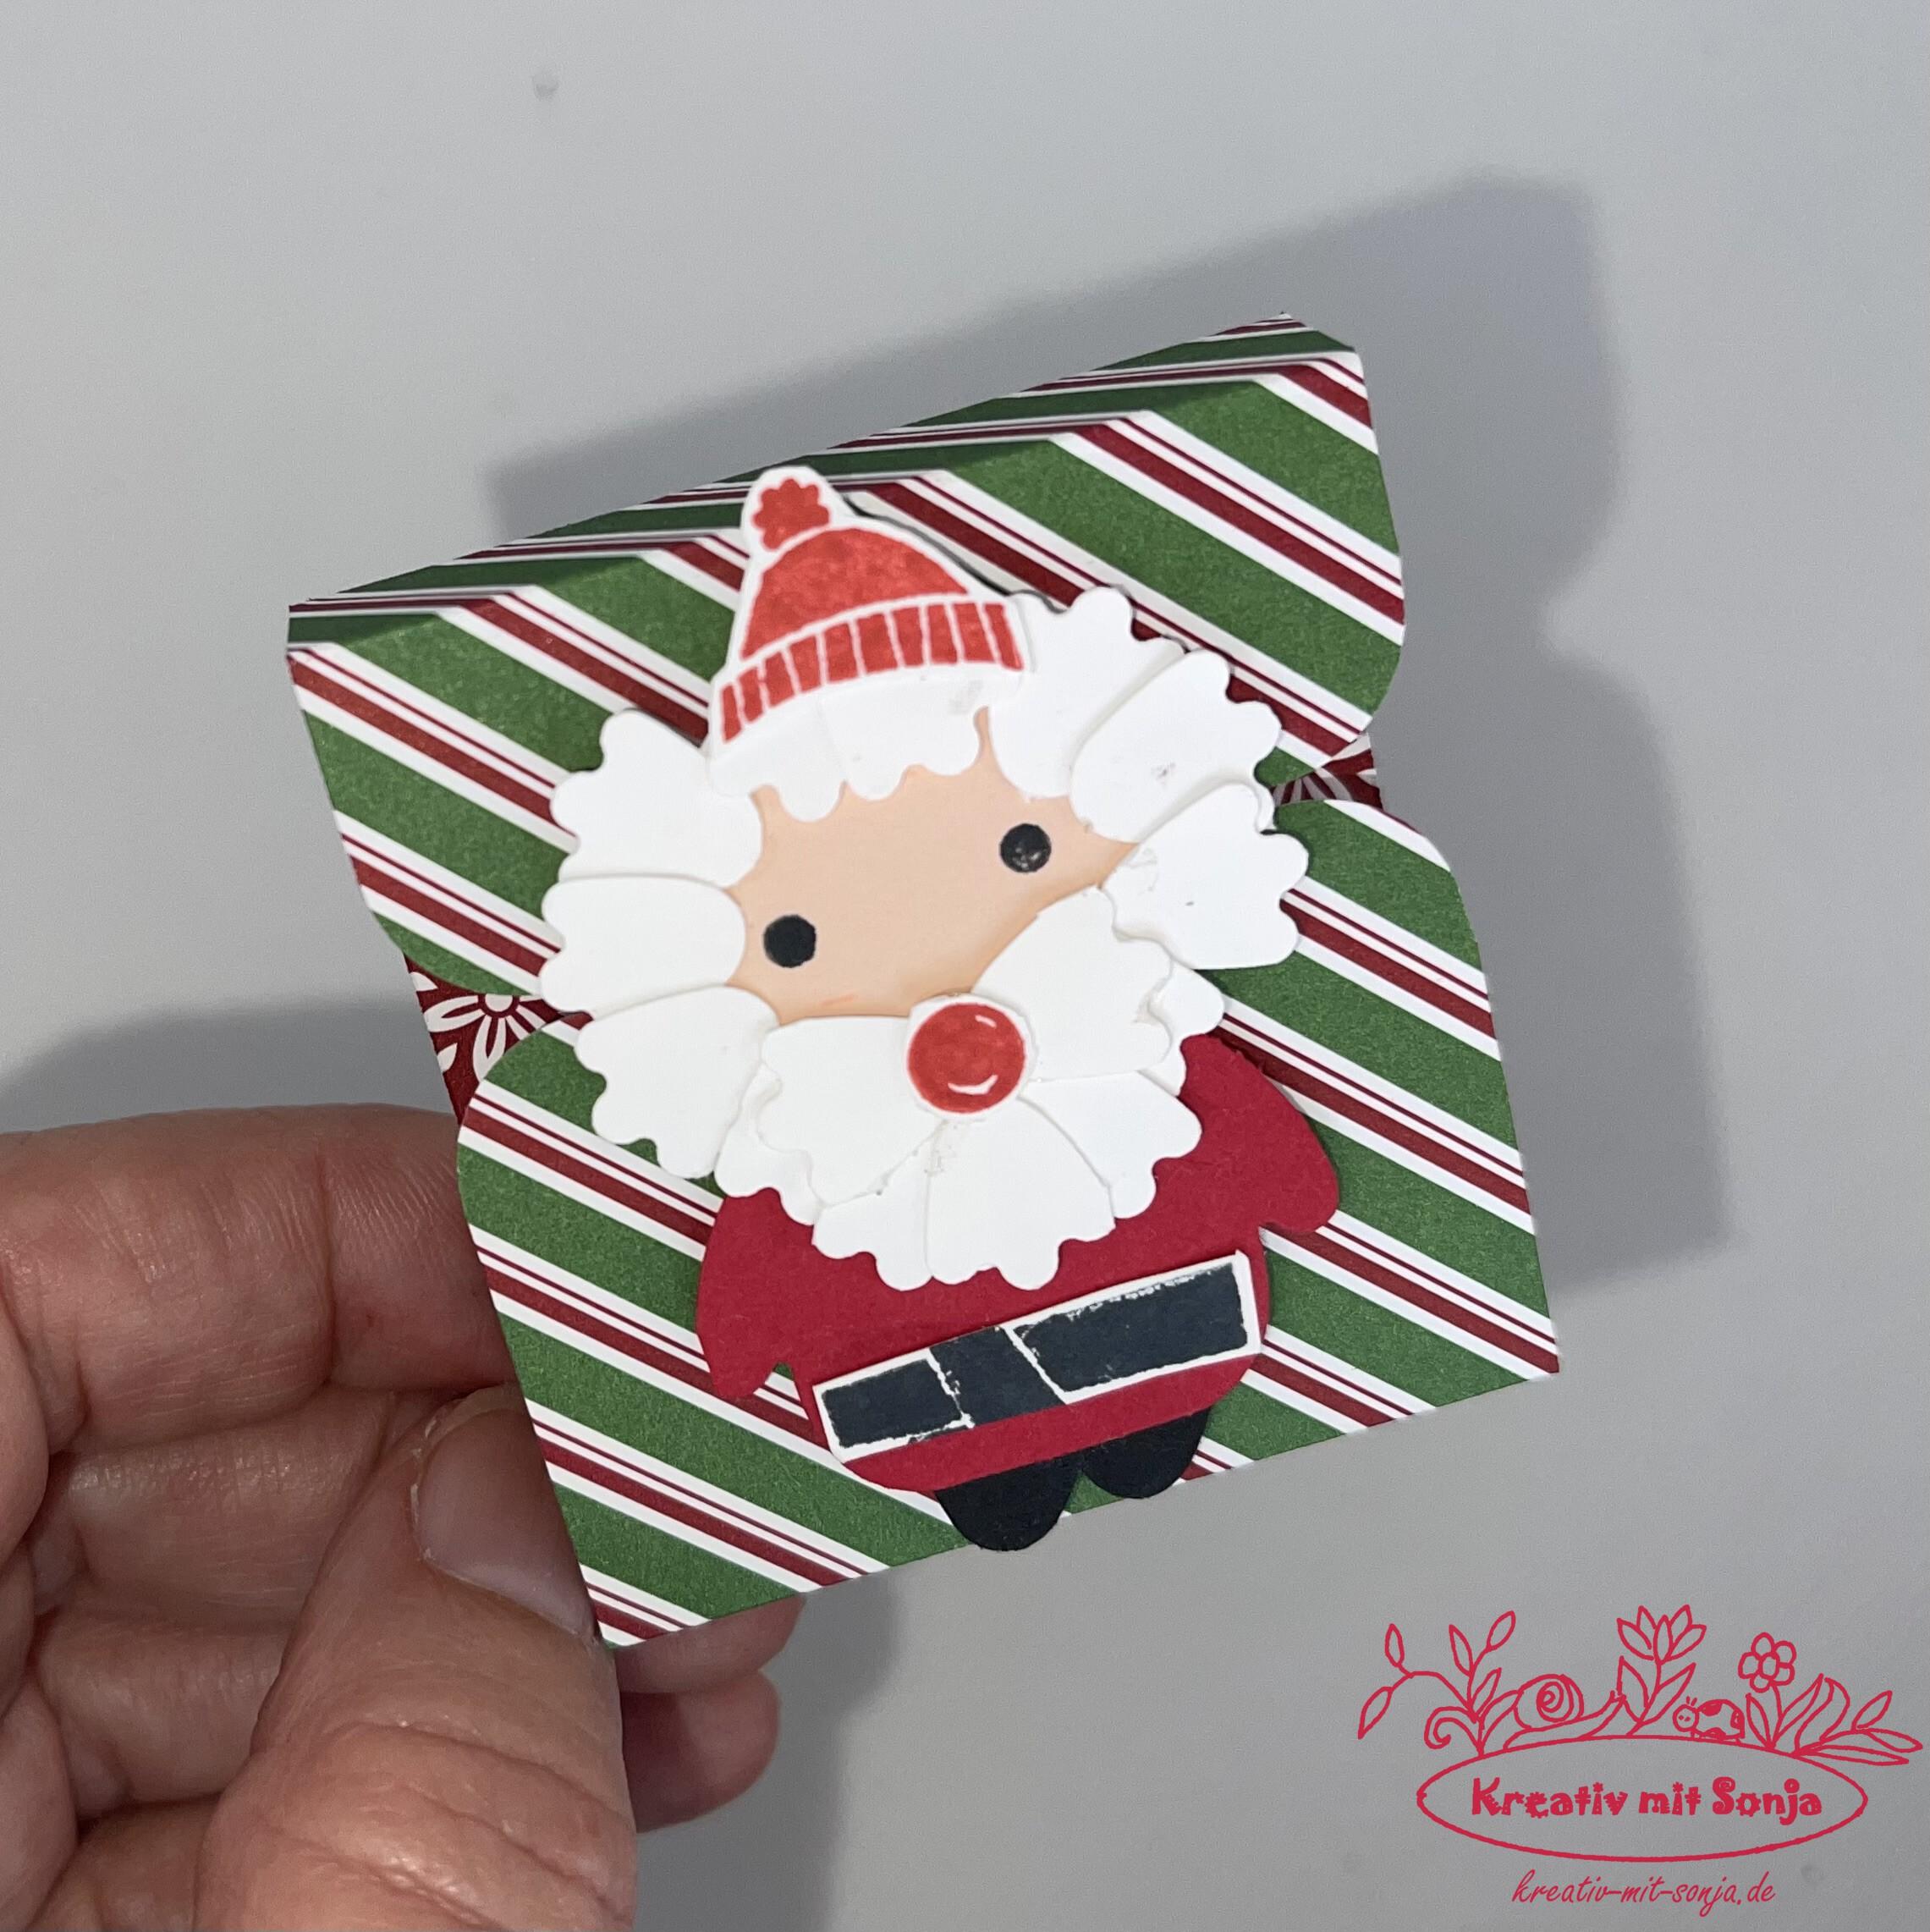 Weihnachtsmann (2)